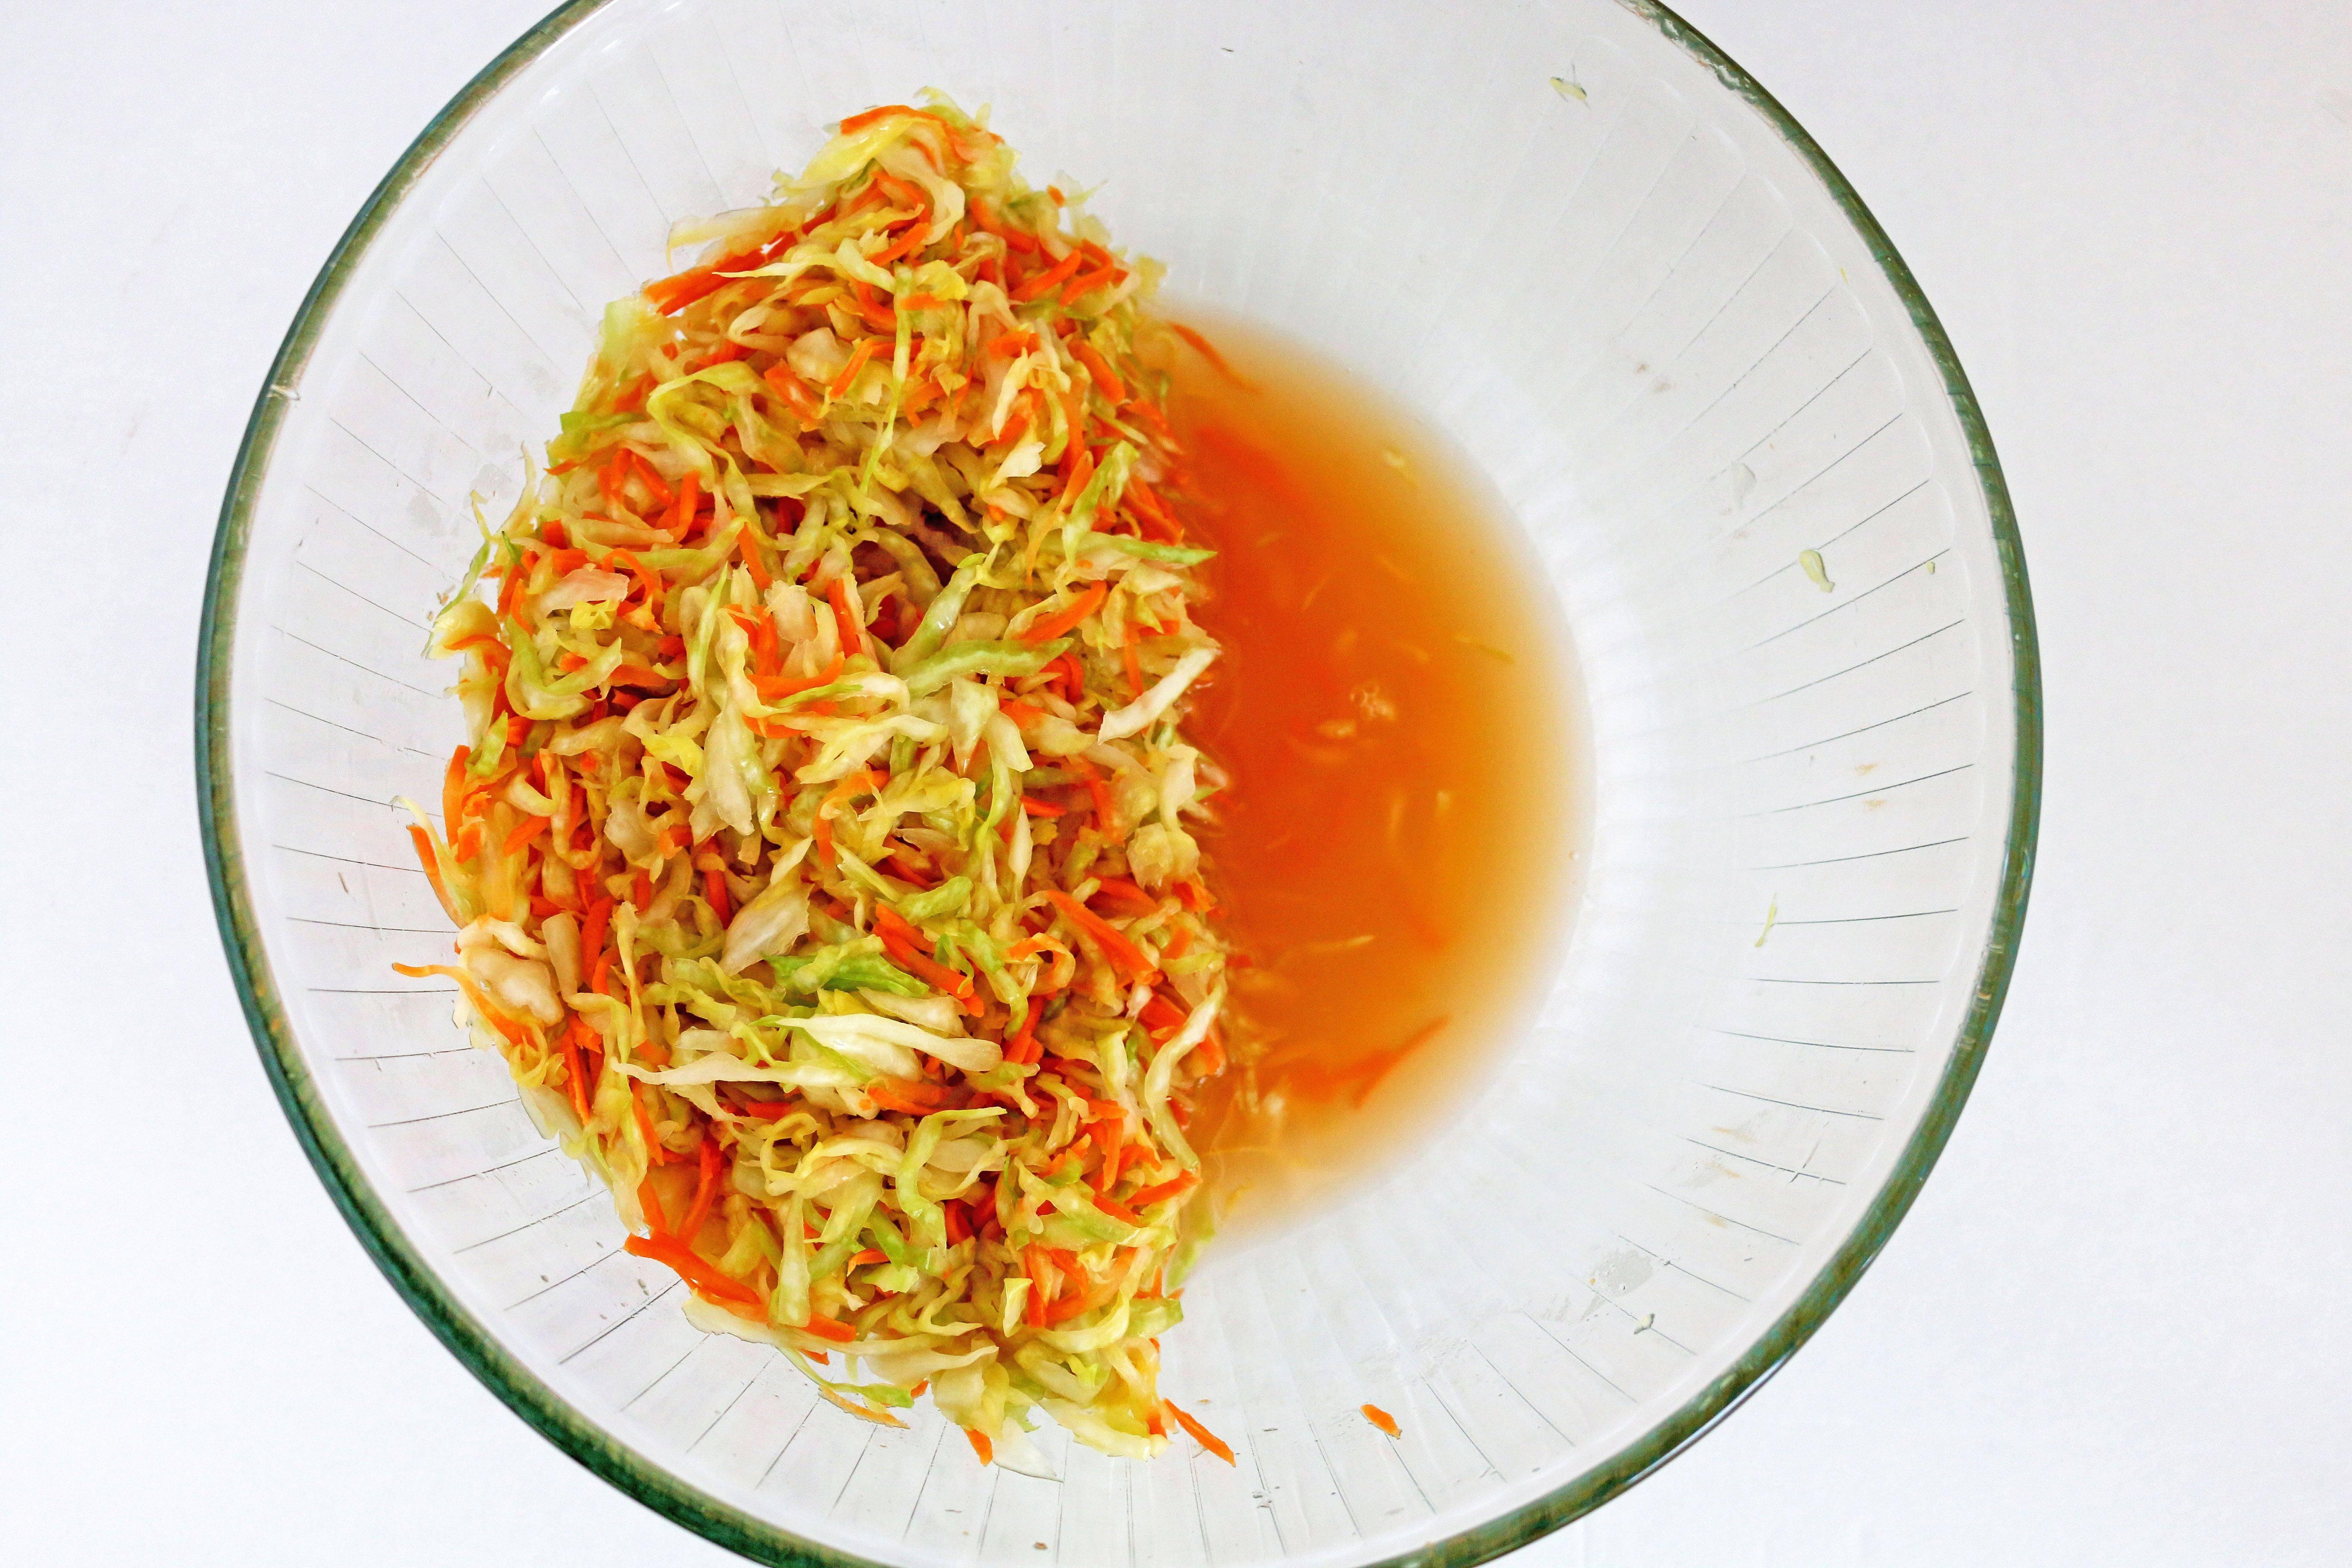 Квас из морской капусты: рецепт и фото